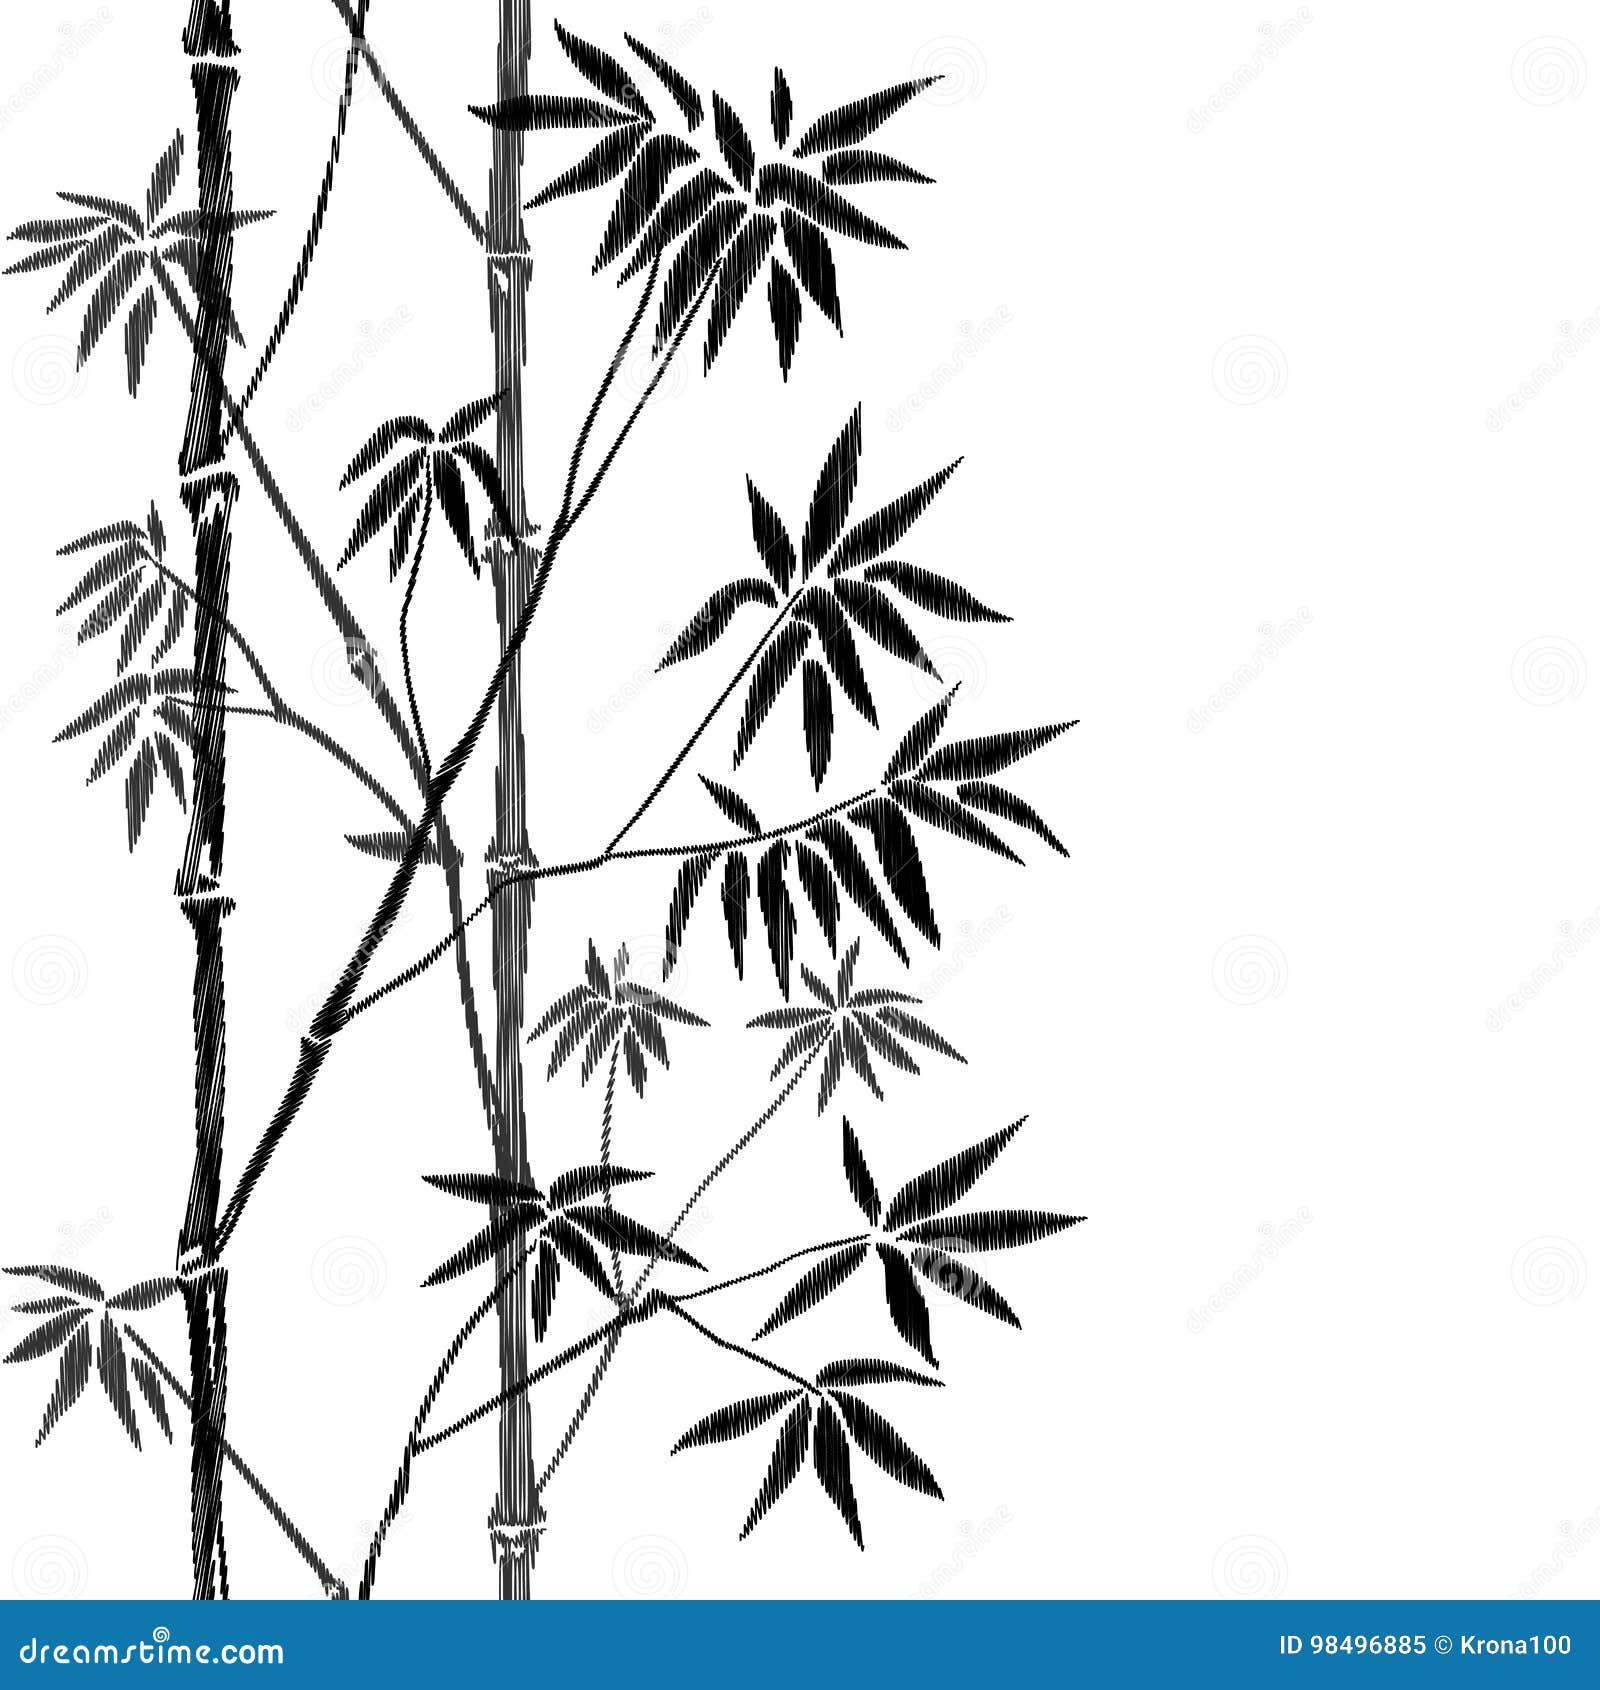 Bamboo Seamless Vertical Embroidery Border Stock Vector ...